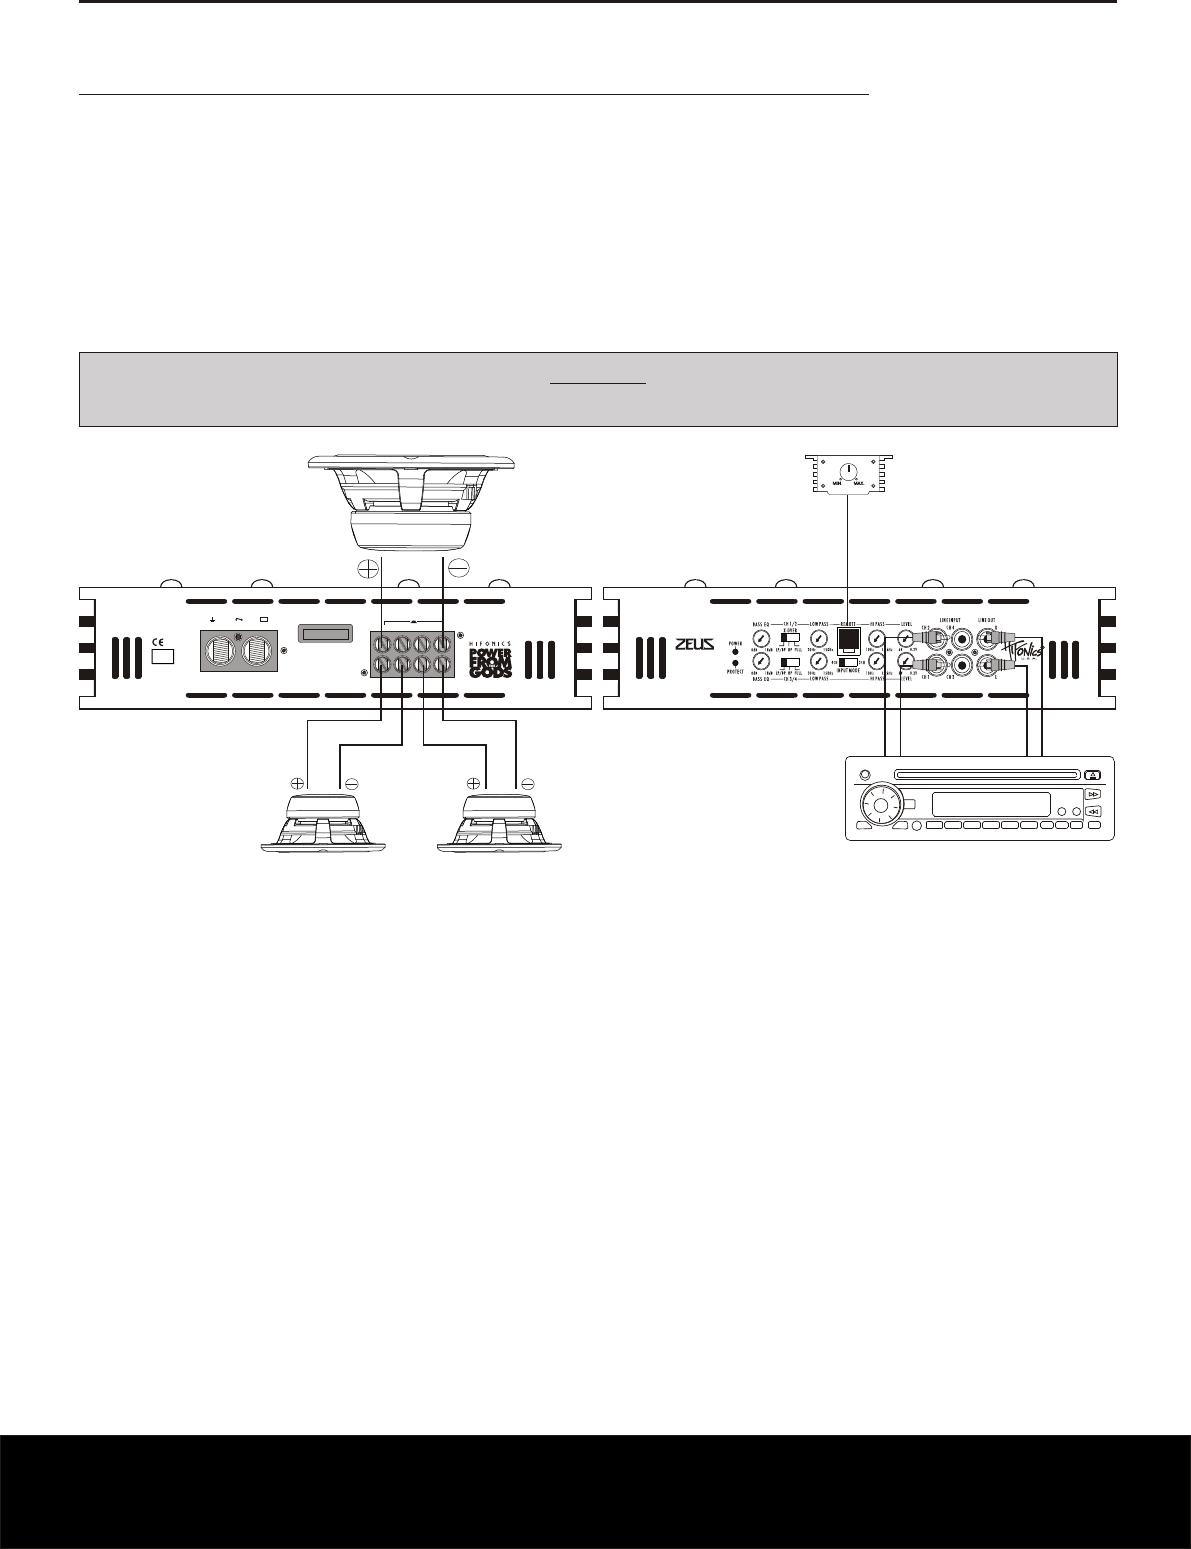 Bedienungsanleitung Hifonics Zxi 4400 Seite 10 Von 24 Deutsch Amp Wiring Diagram Englisch